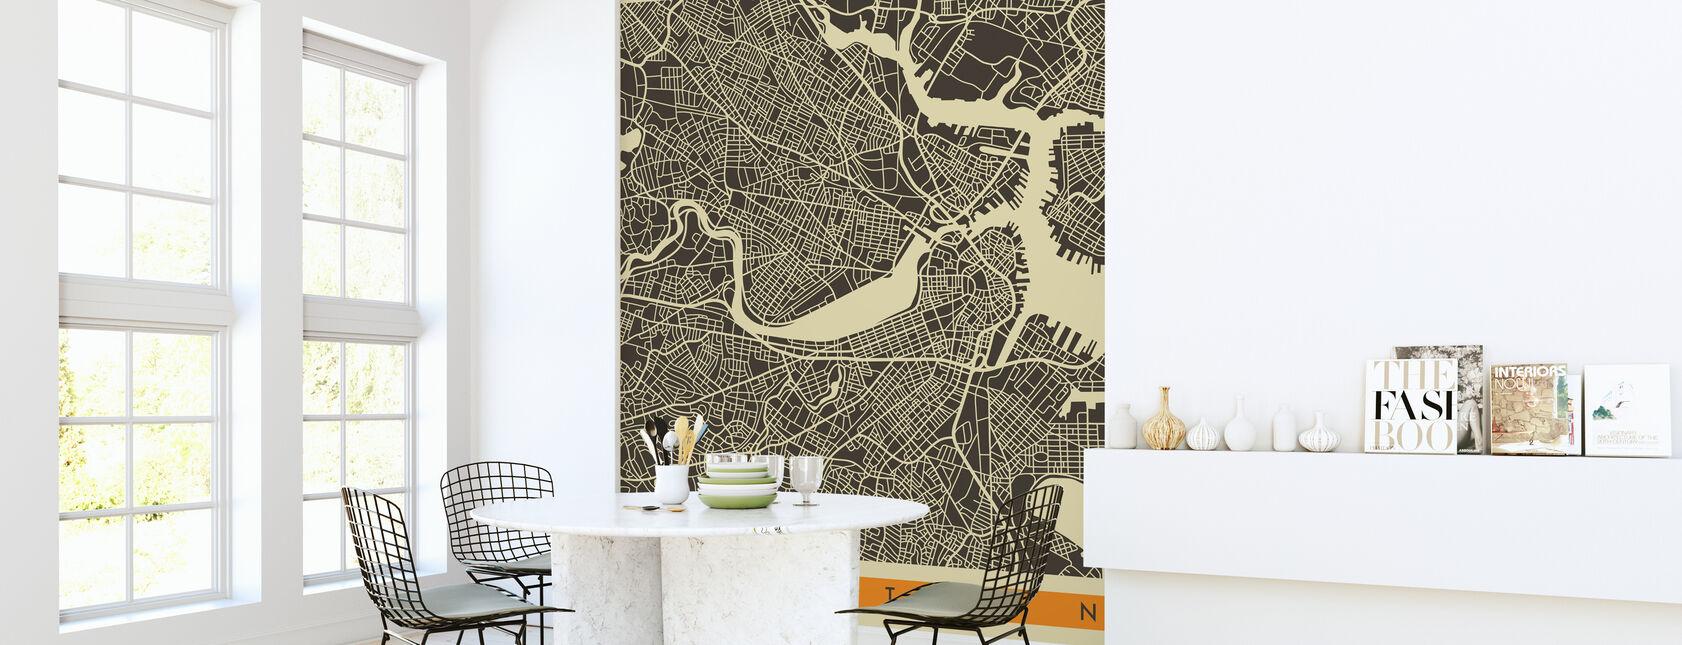 City Map - Boston - Wallpaper - Kitchen